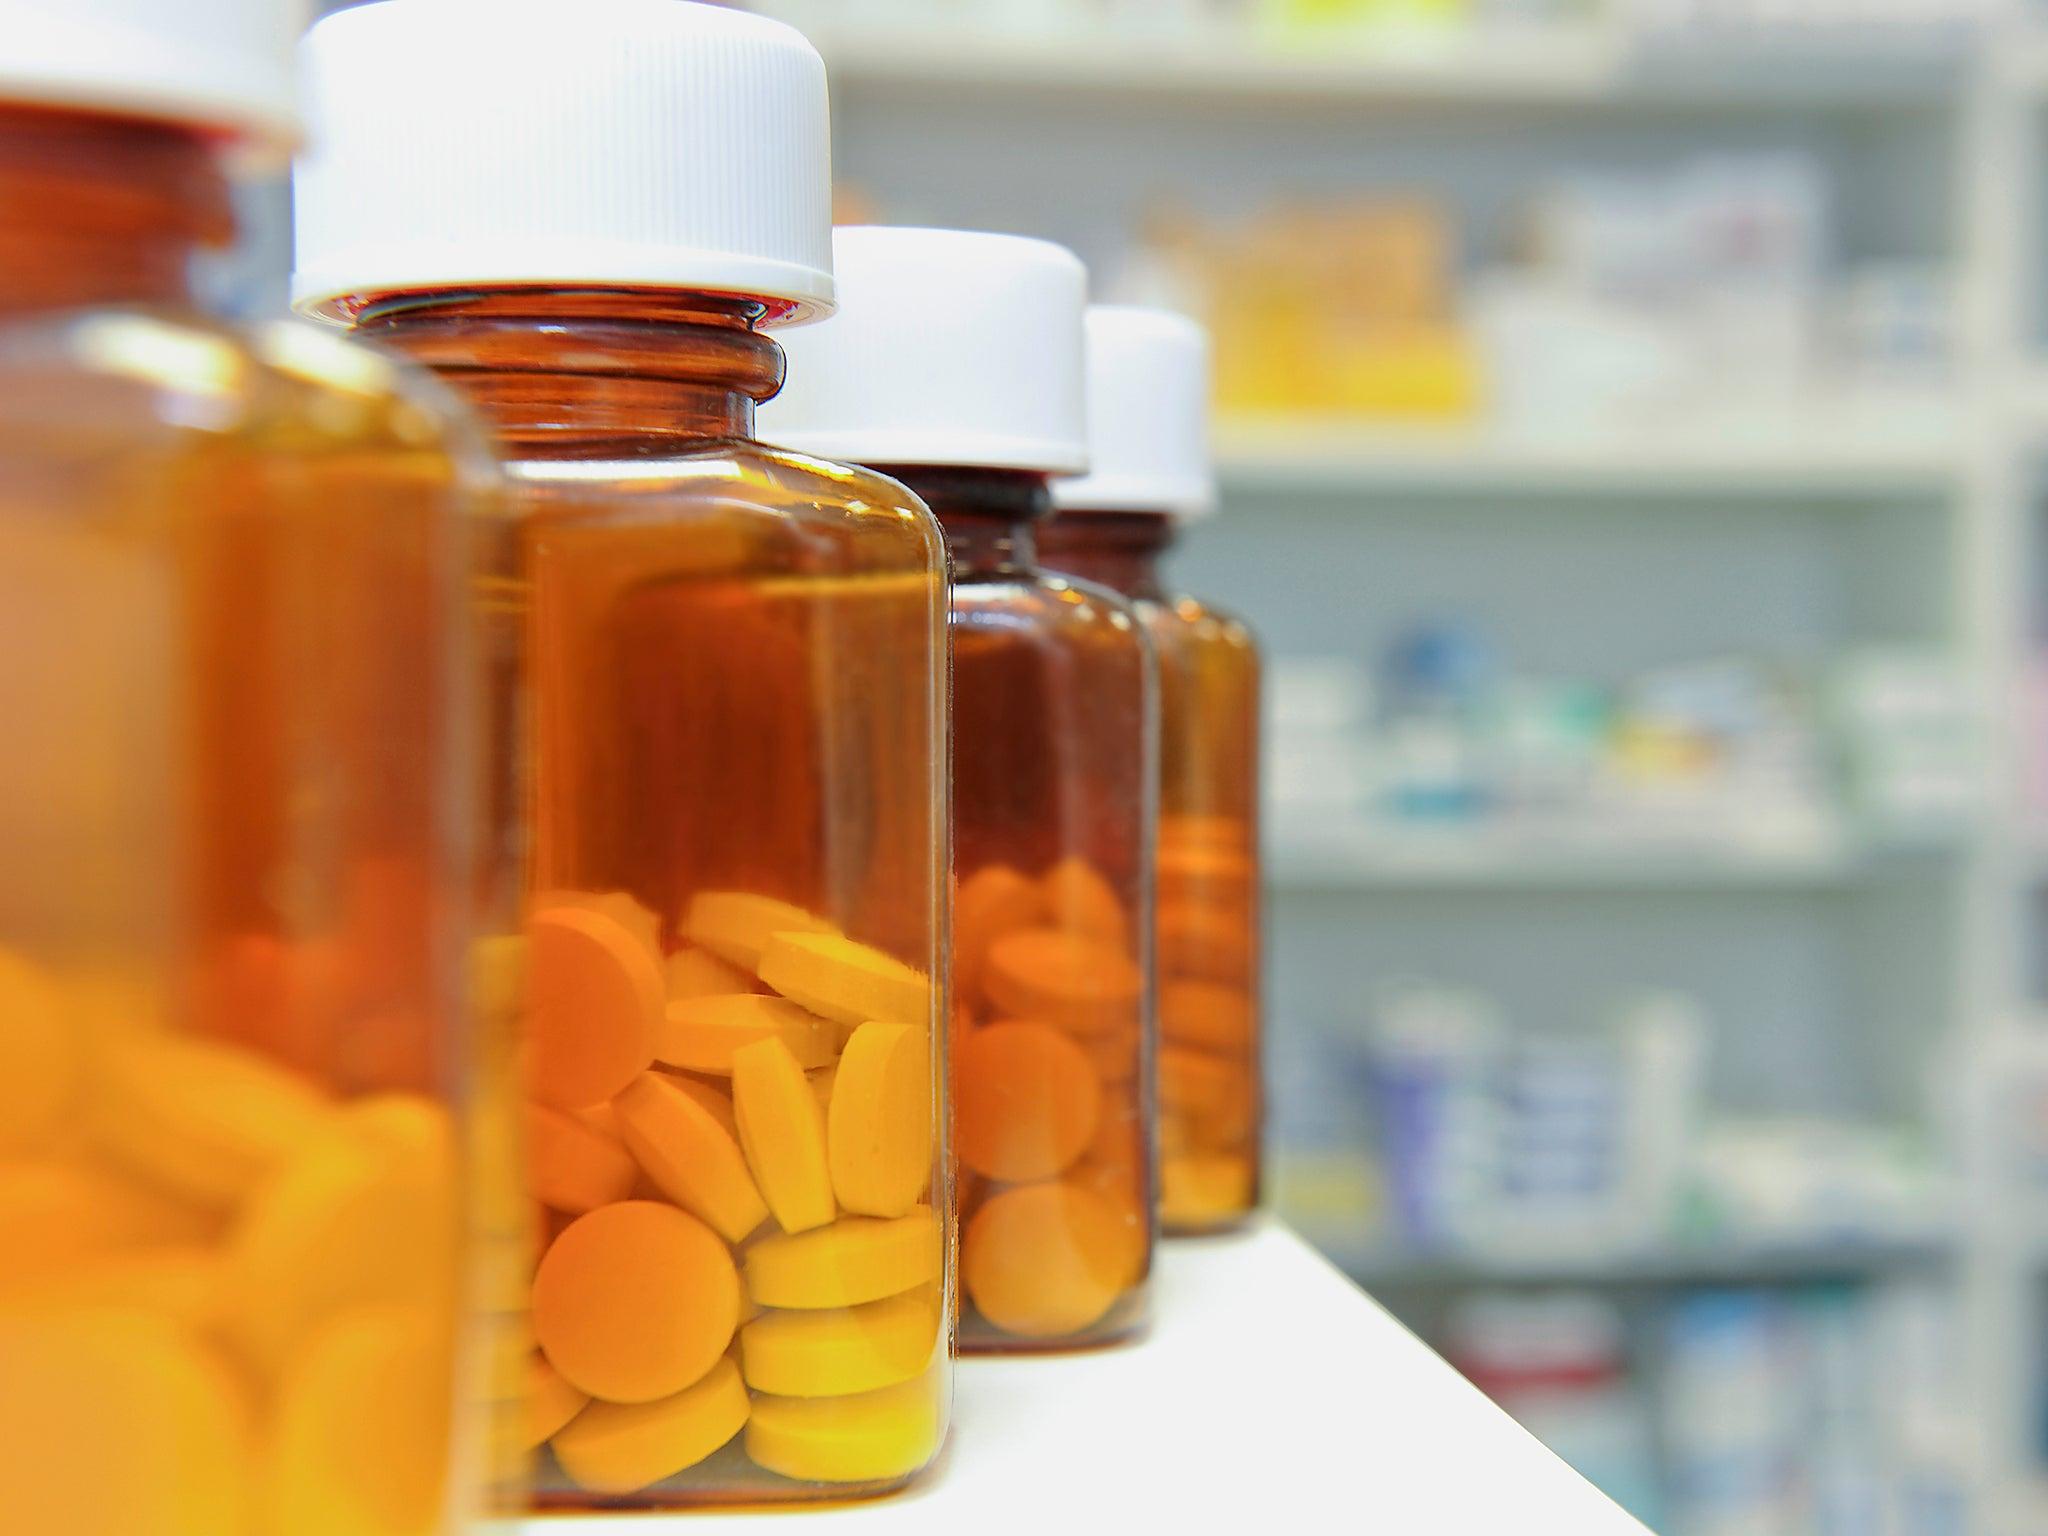 Prescribing s is good So is deprescribing